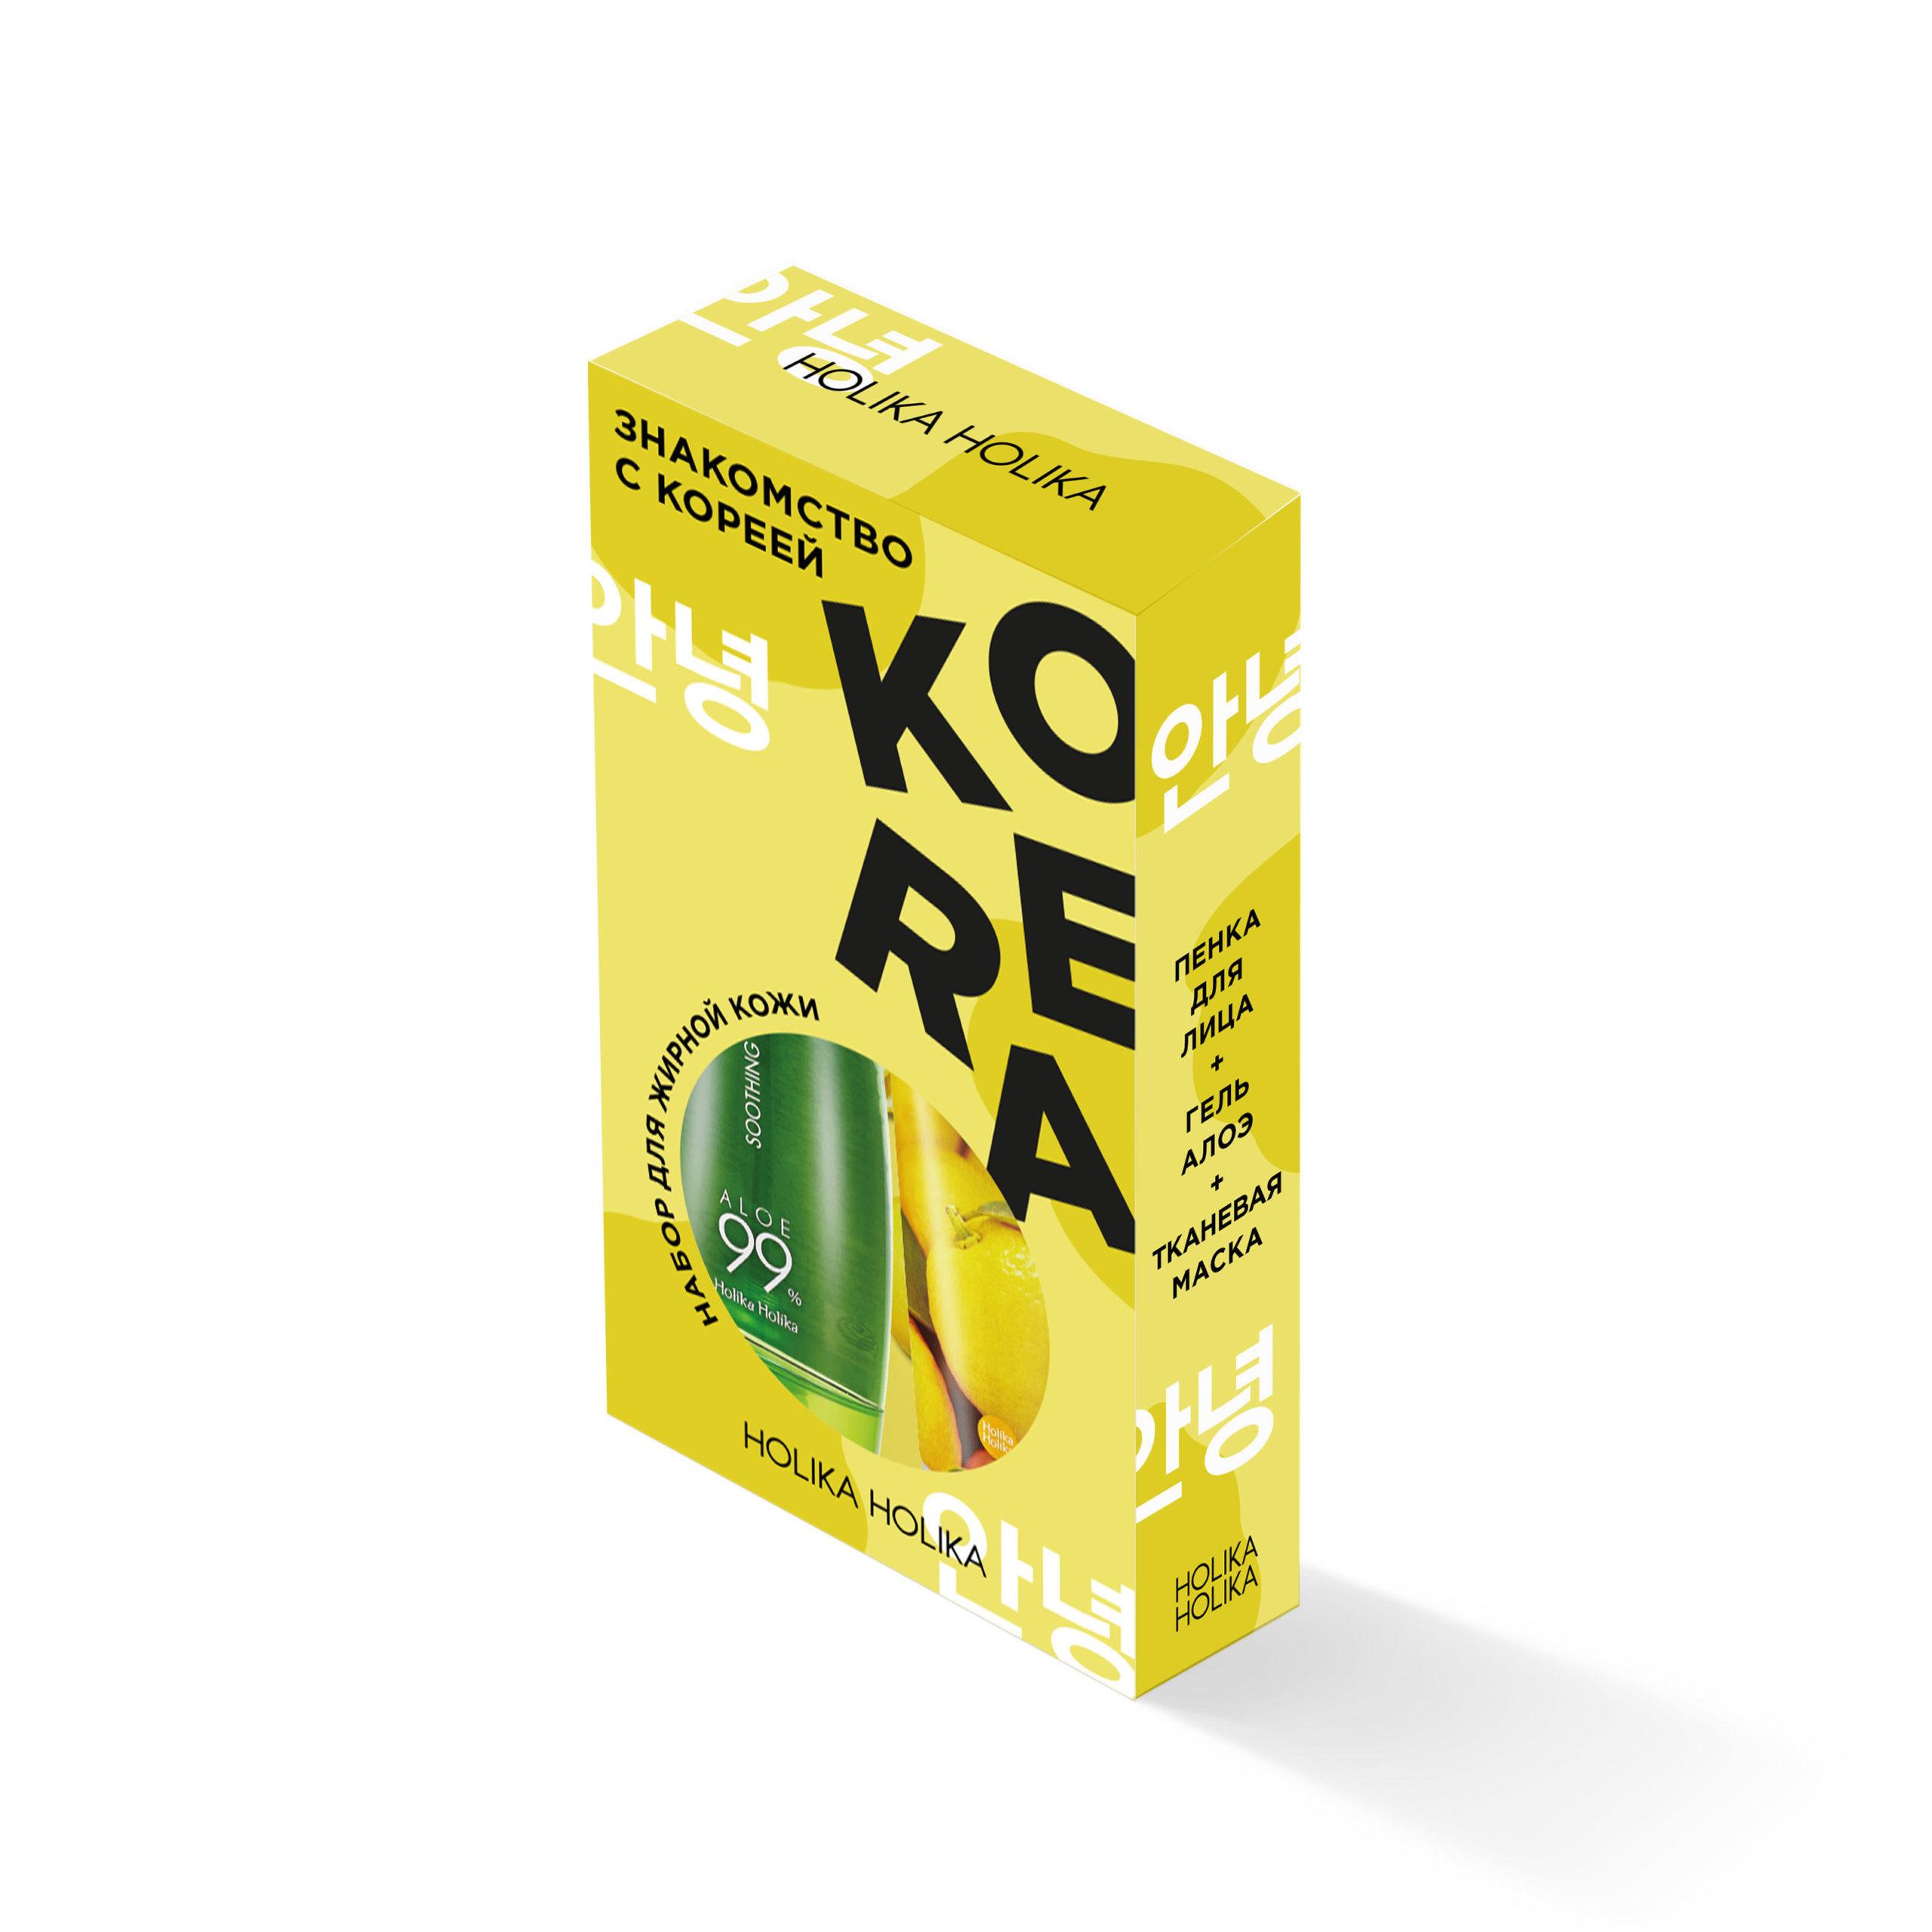 Набор для ухода за кожей HOLIKA HOLIKA «Знакомство с Кореей» – универсальный и практичный, ведь в него входят и пенка для лица, и гель с алоэ, и тканевая маска.